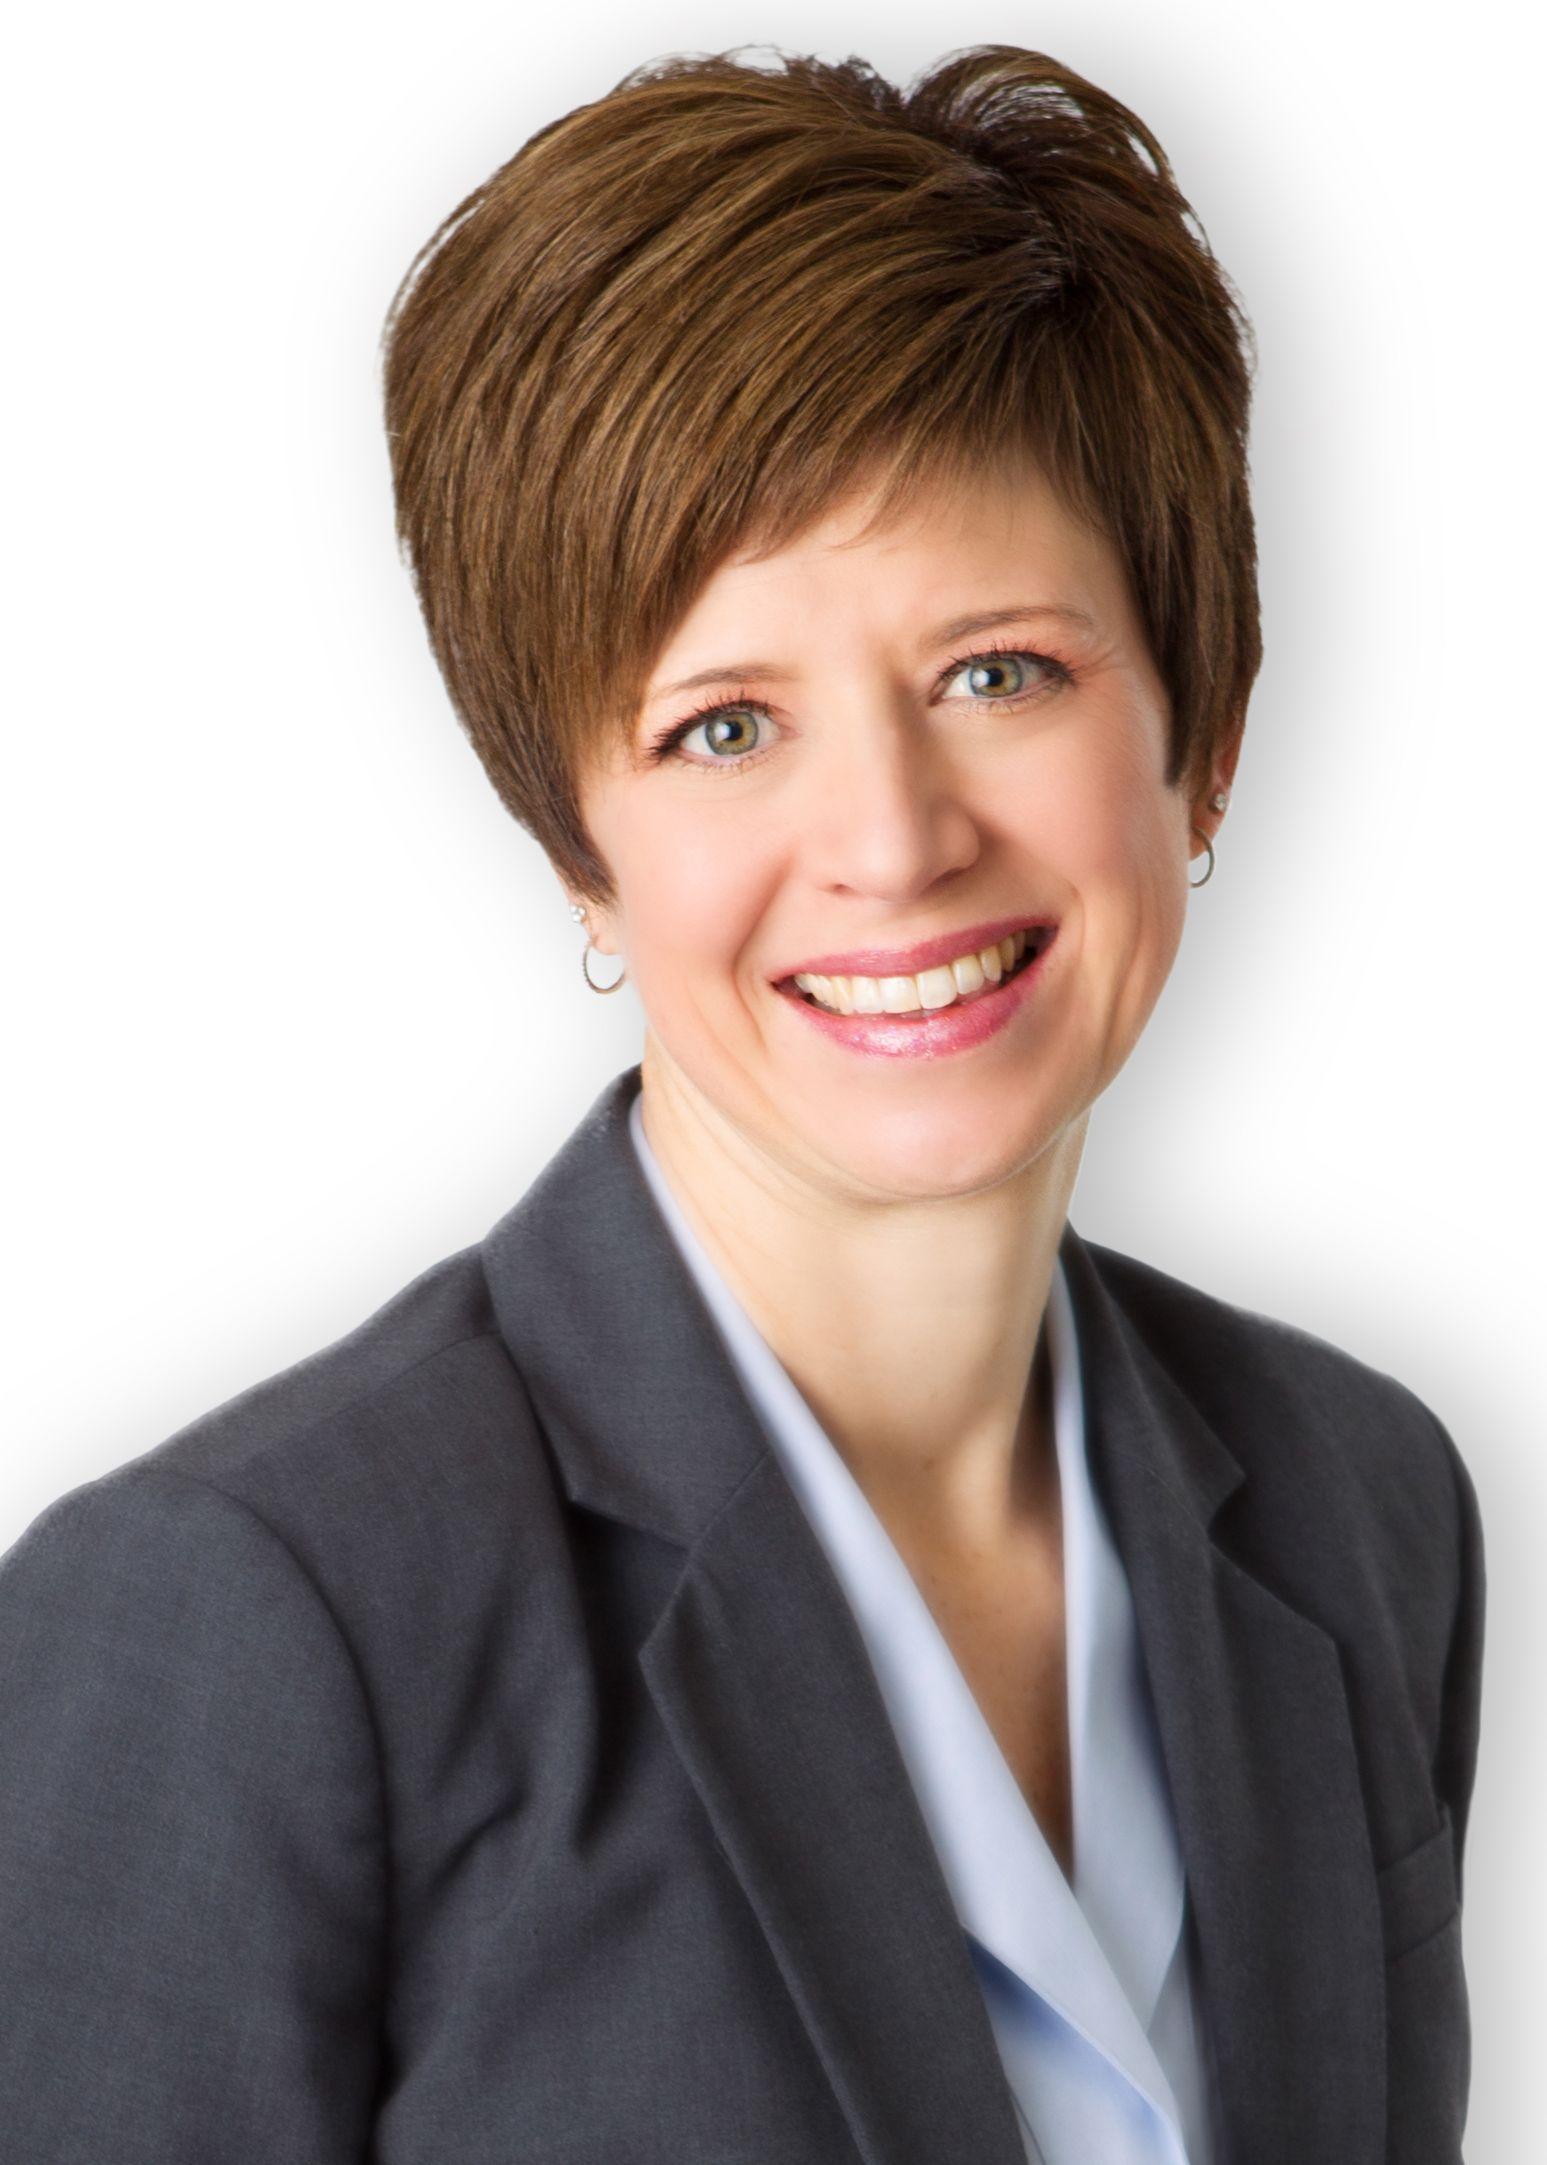 Dr. Tina McCarty